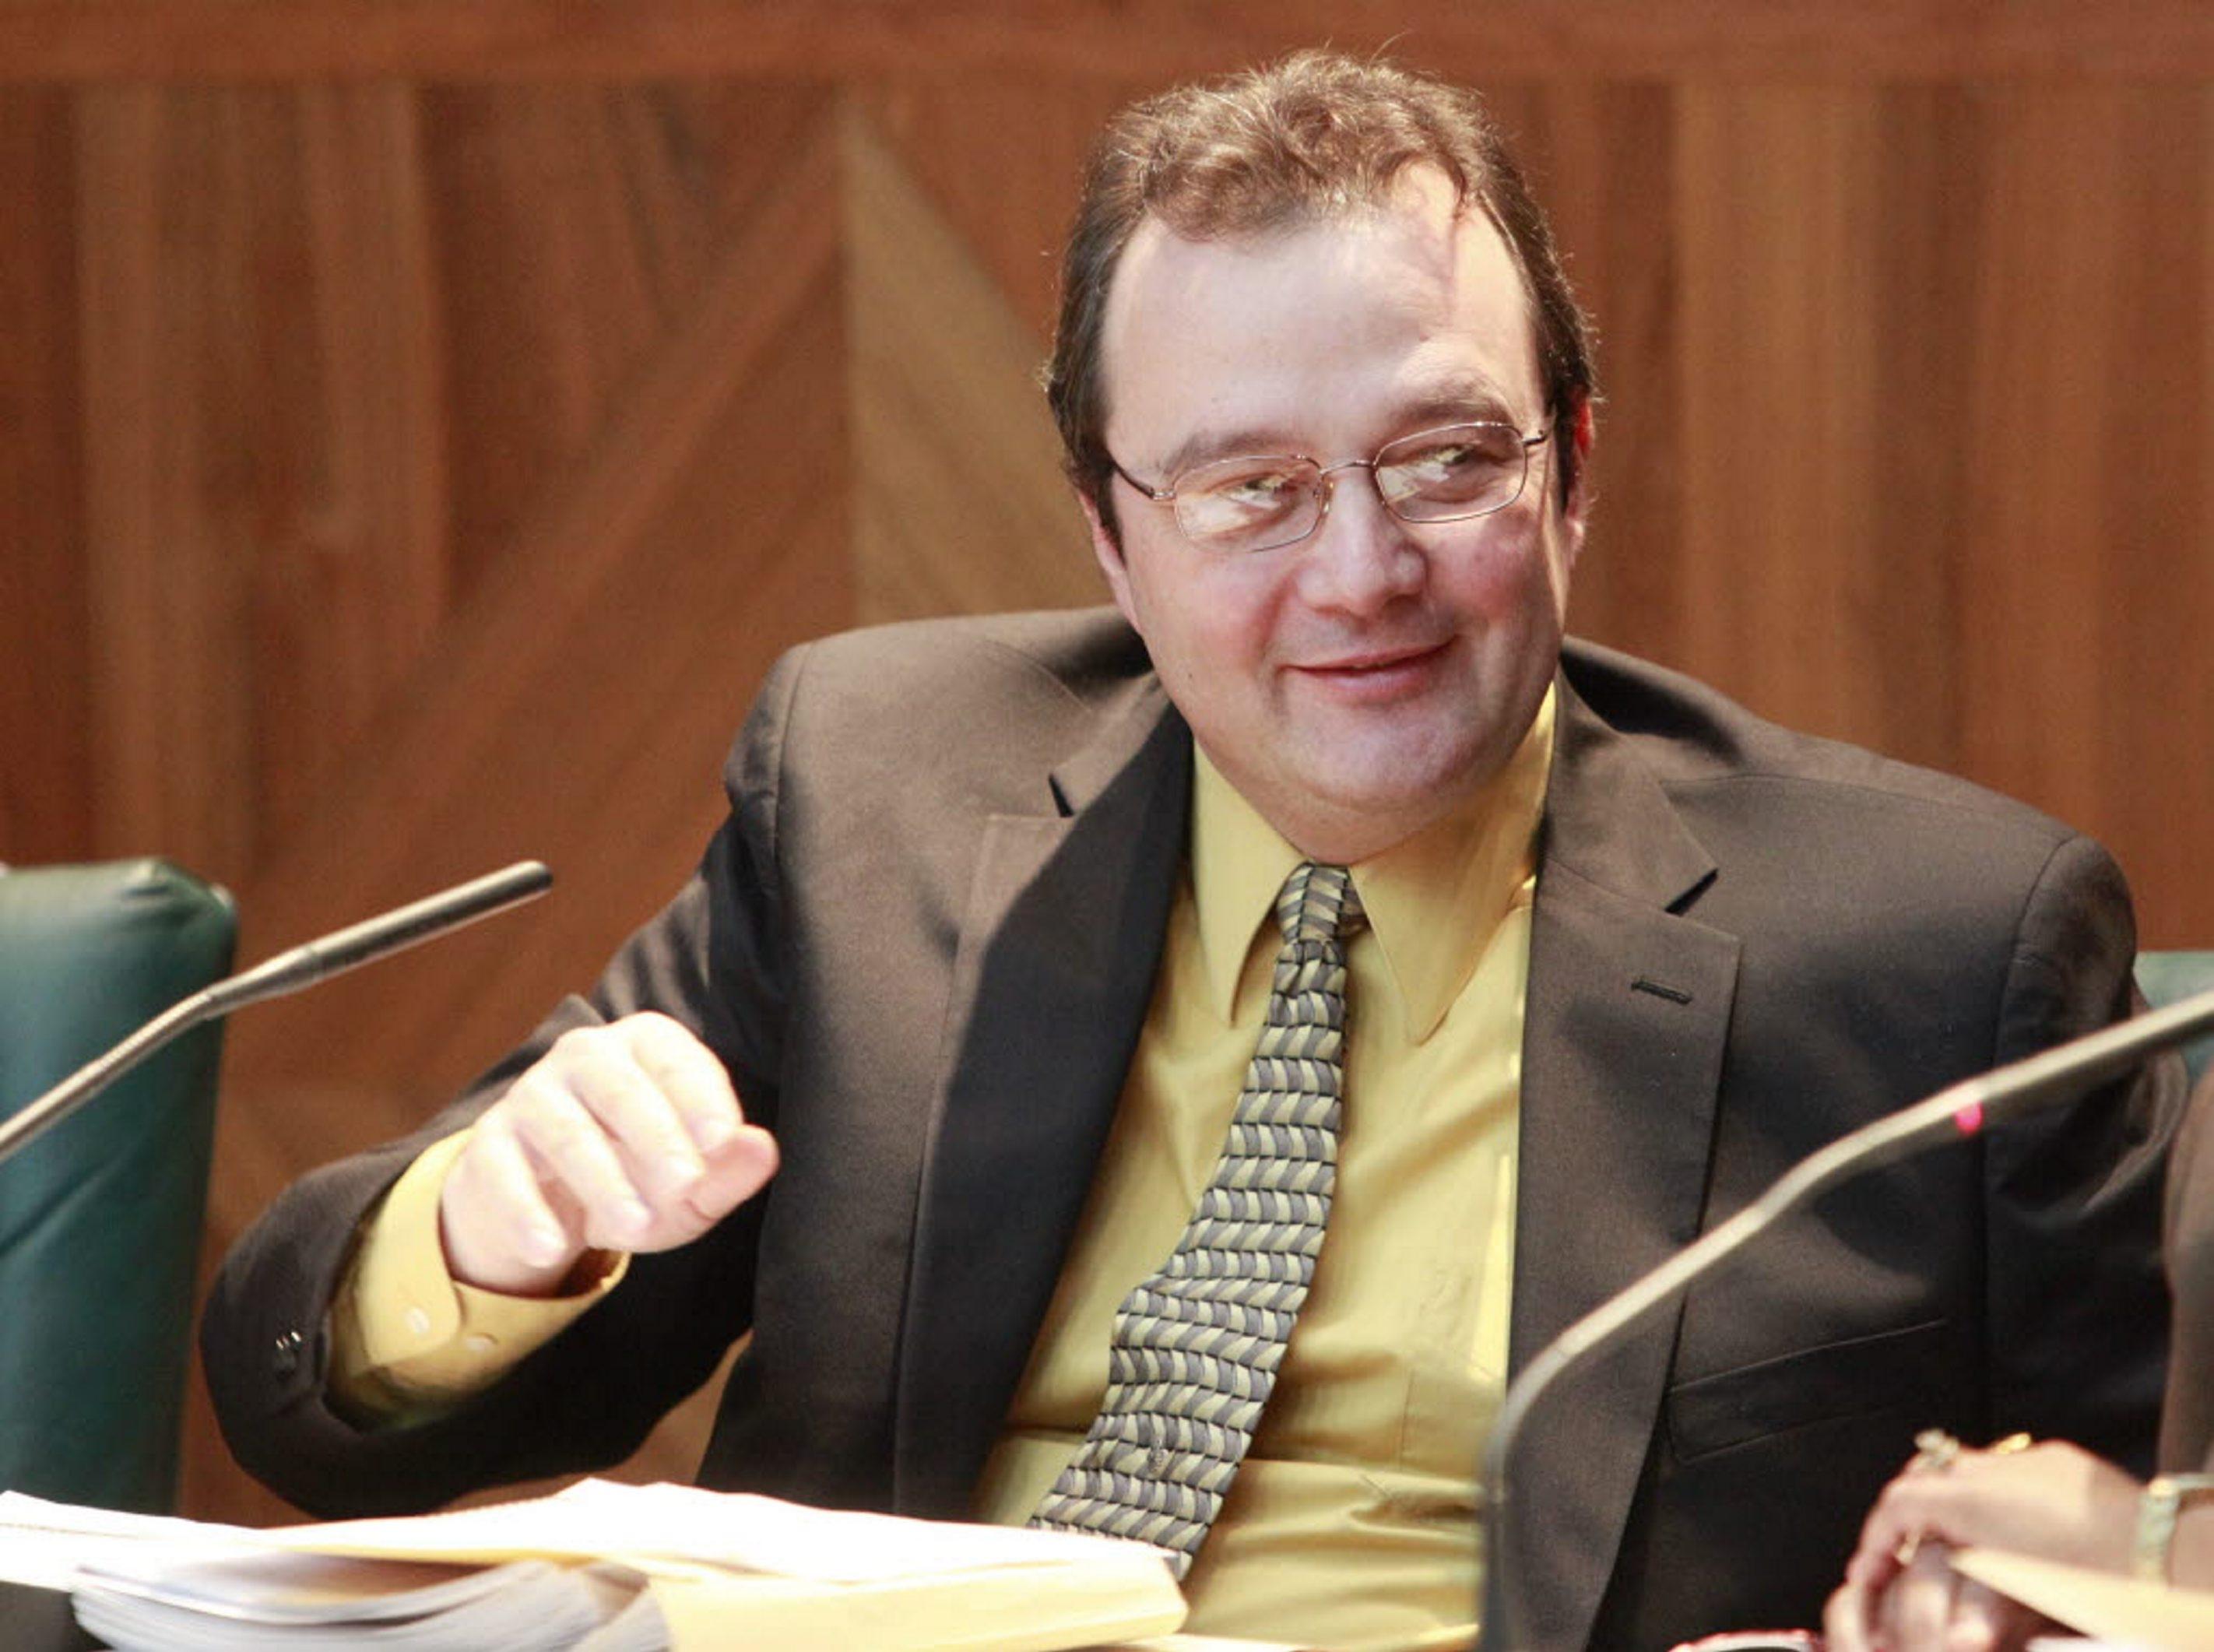 Council Member Joseph Golombek Jr. is an opponent of Peace Bridge expansion.